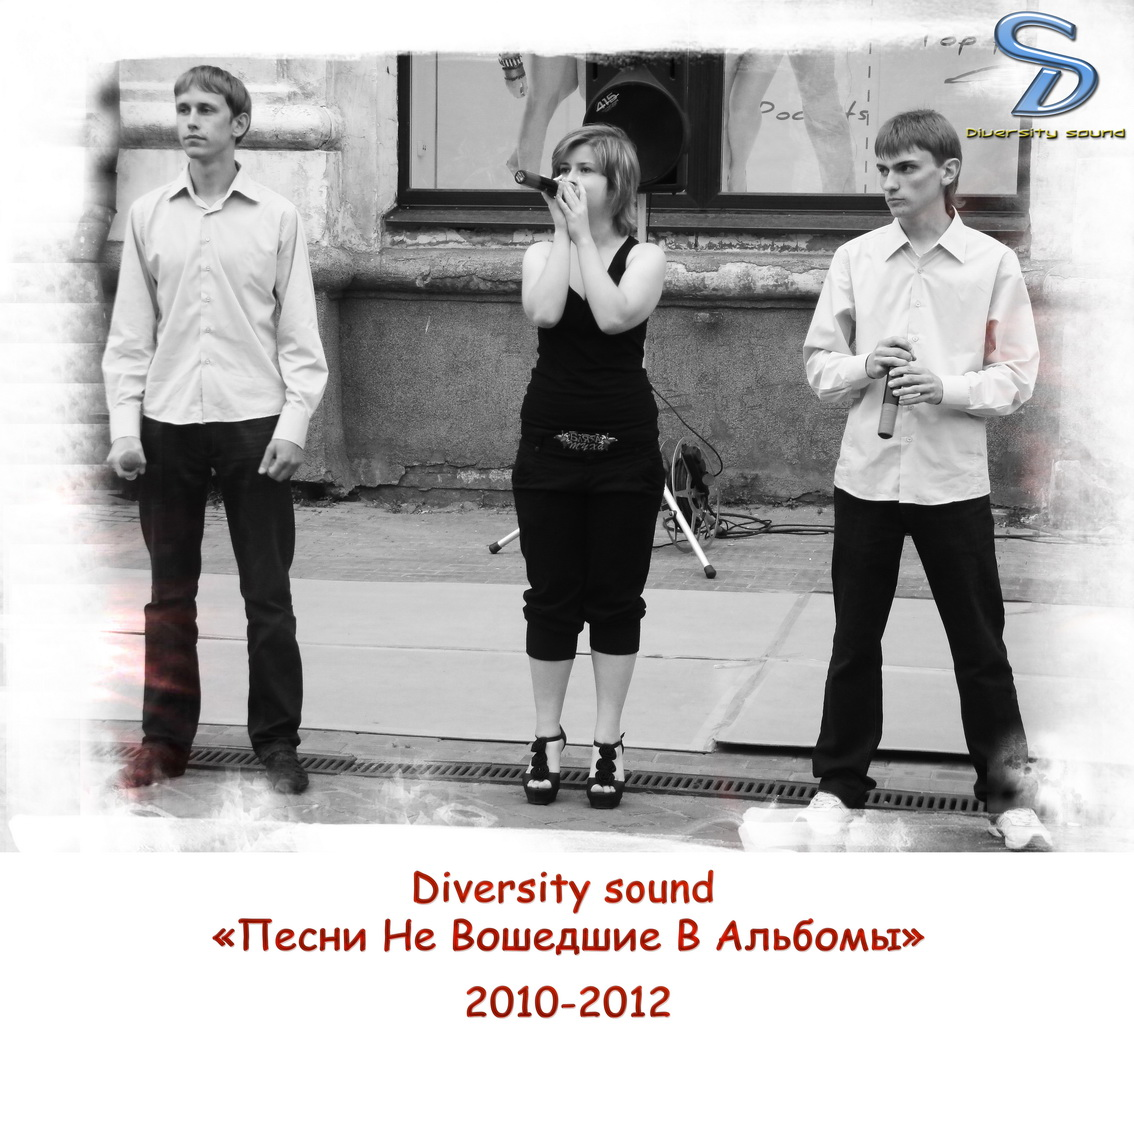 Diversity sound - Не вошедшие в альбомы треки 2010-2012 (2013)